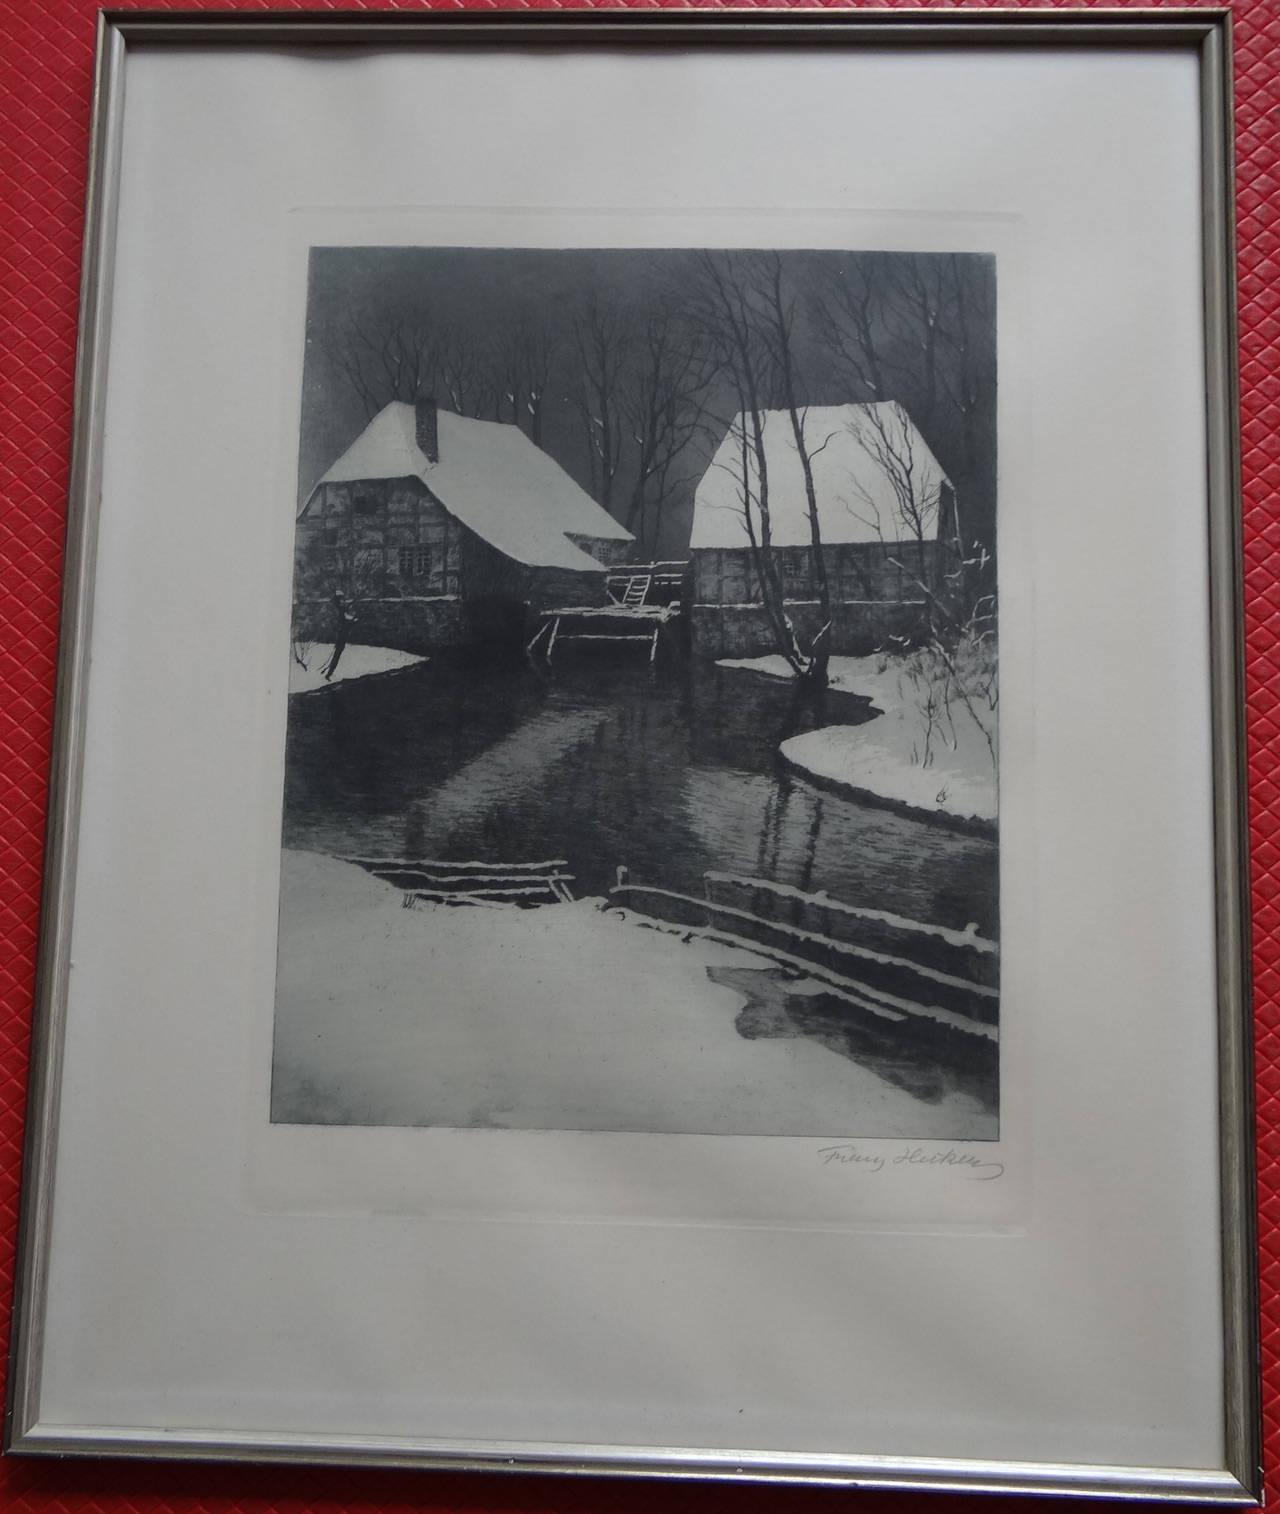 Franz Hecker Mühle im Schnee